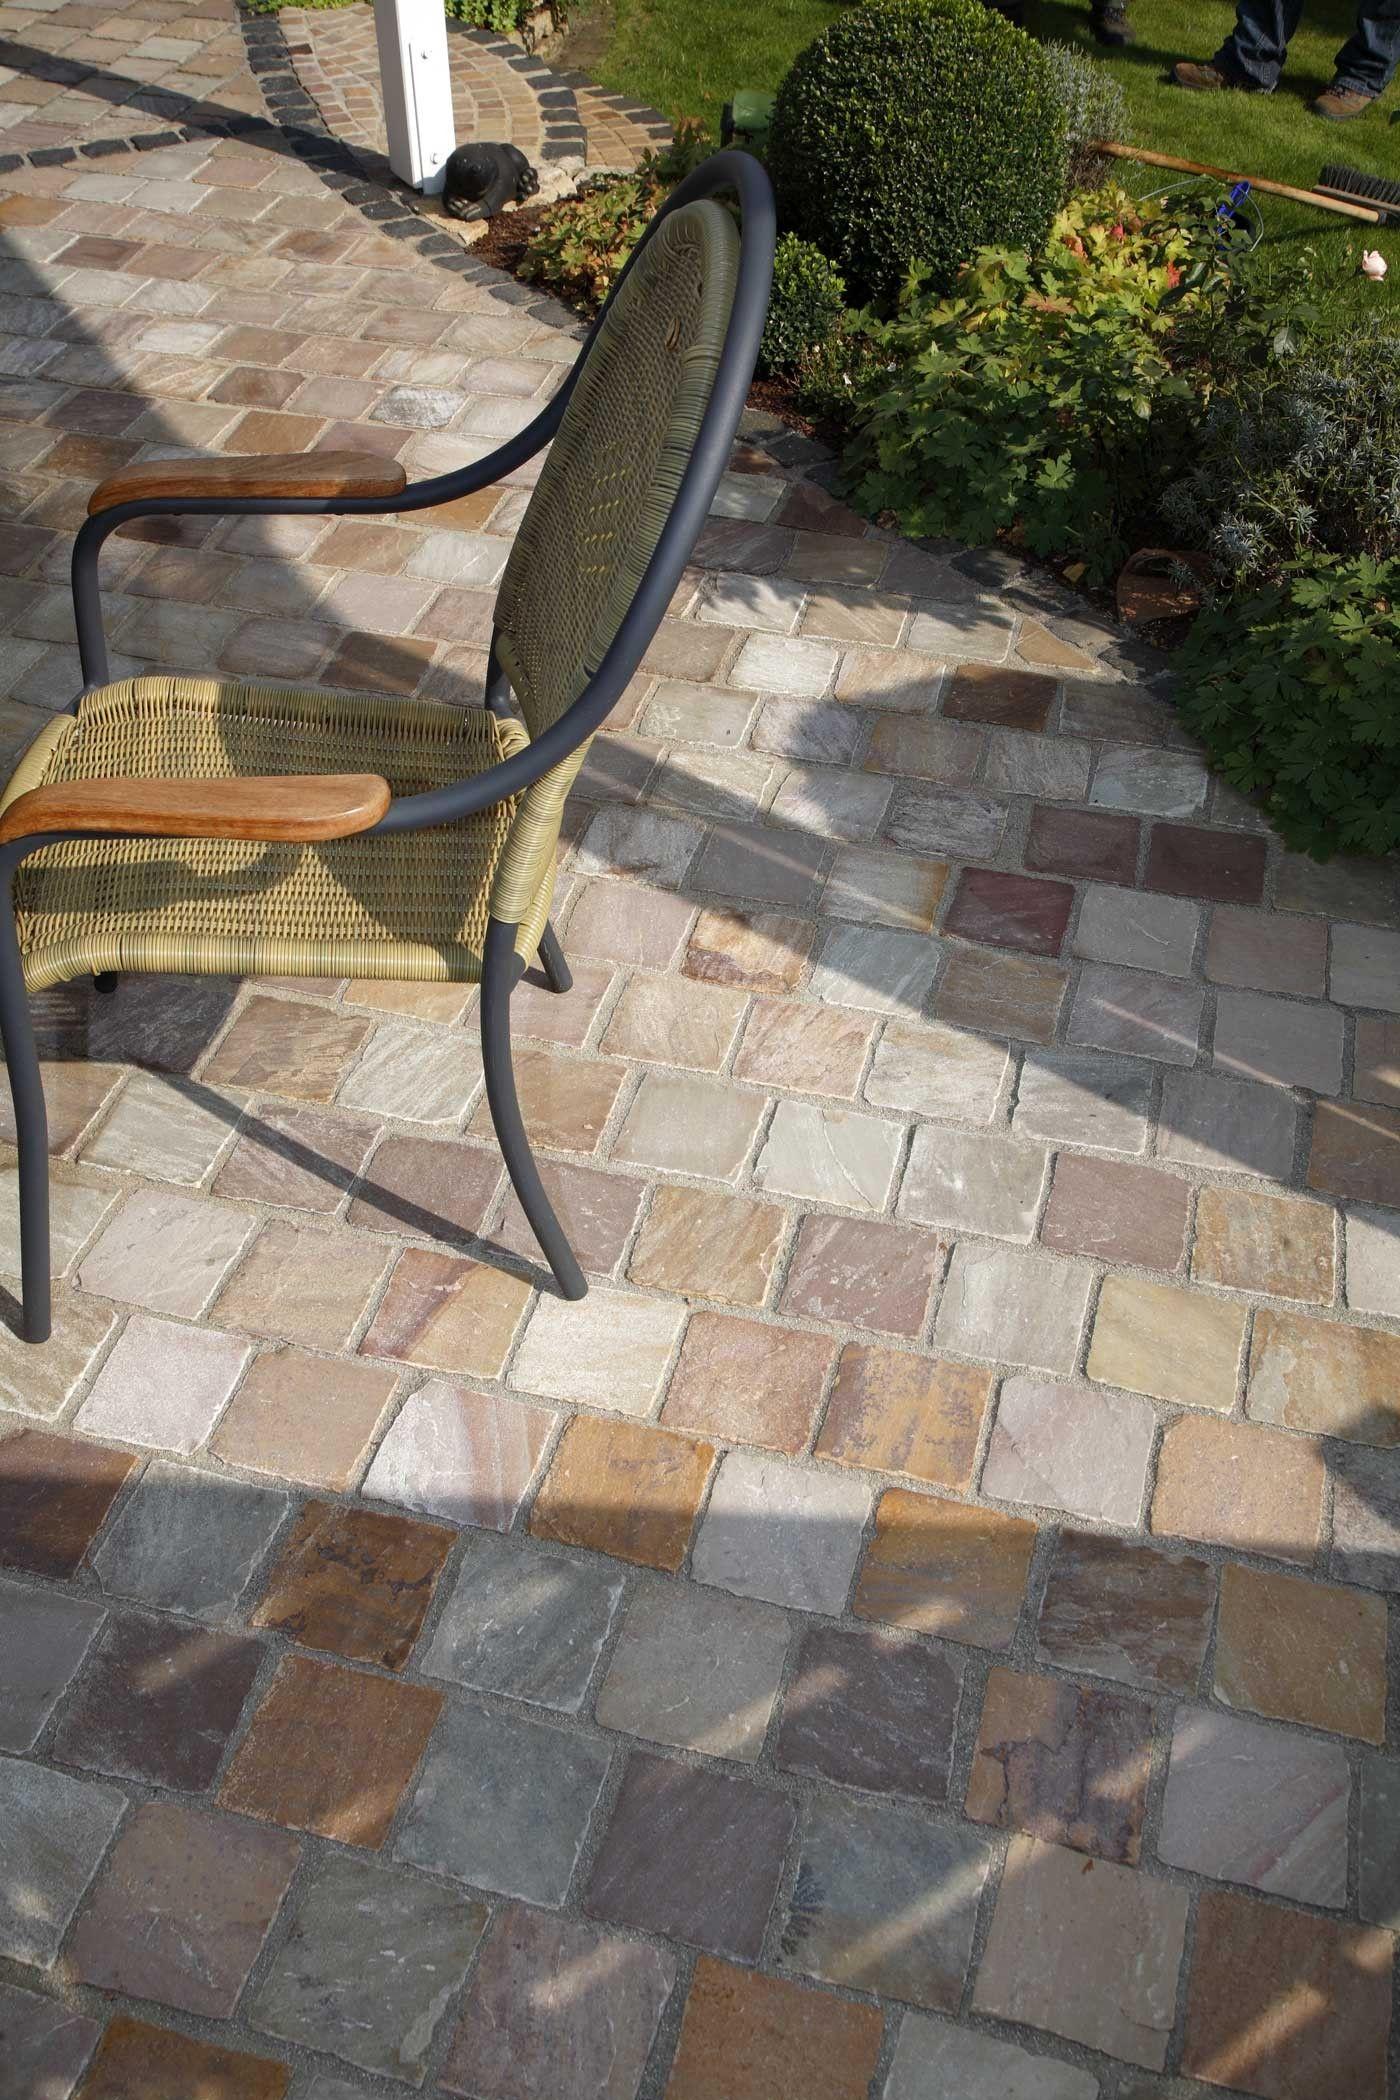 Comment Nettoyer Terrasse Pierre Naturelle pavé pierre naturelle grès brut kandla multicolor 14 x 14 x